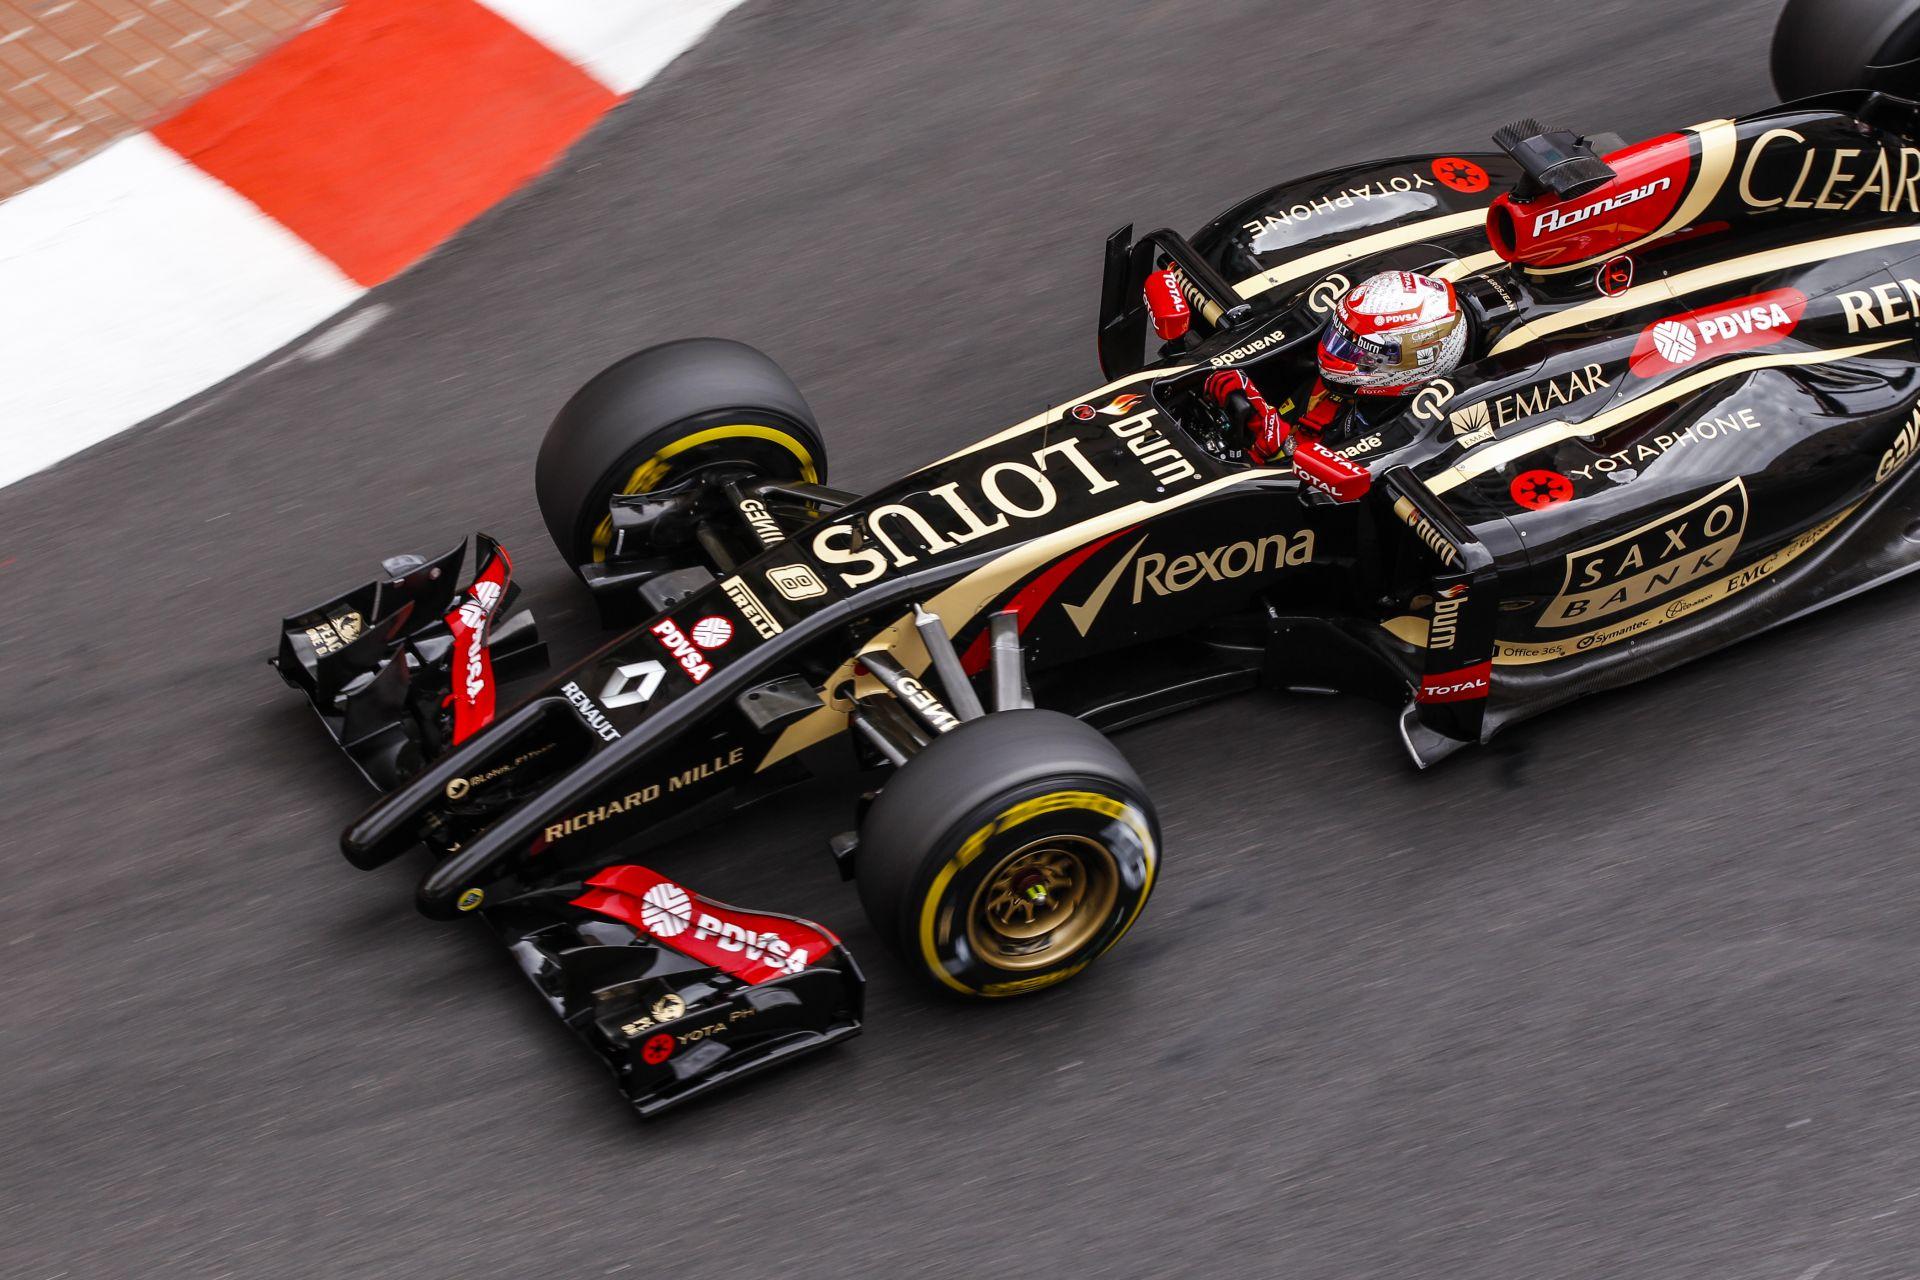 A Lotus ismét visszaesett, Grosjean és Maldonado is csalódott Monacóban